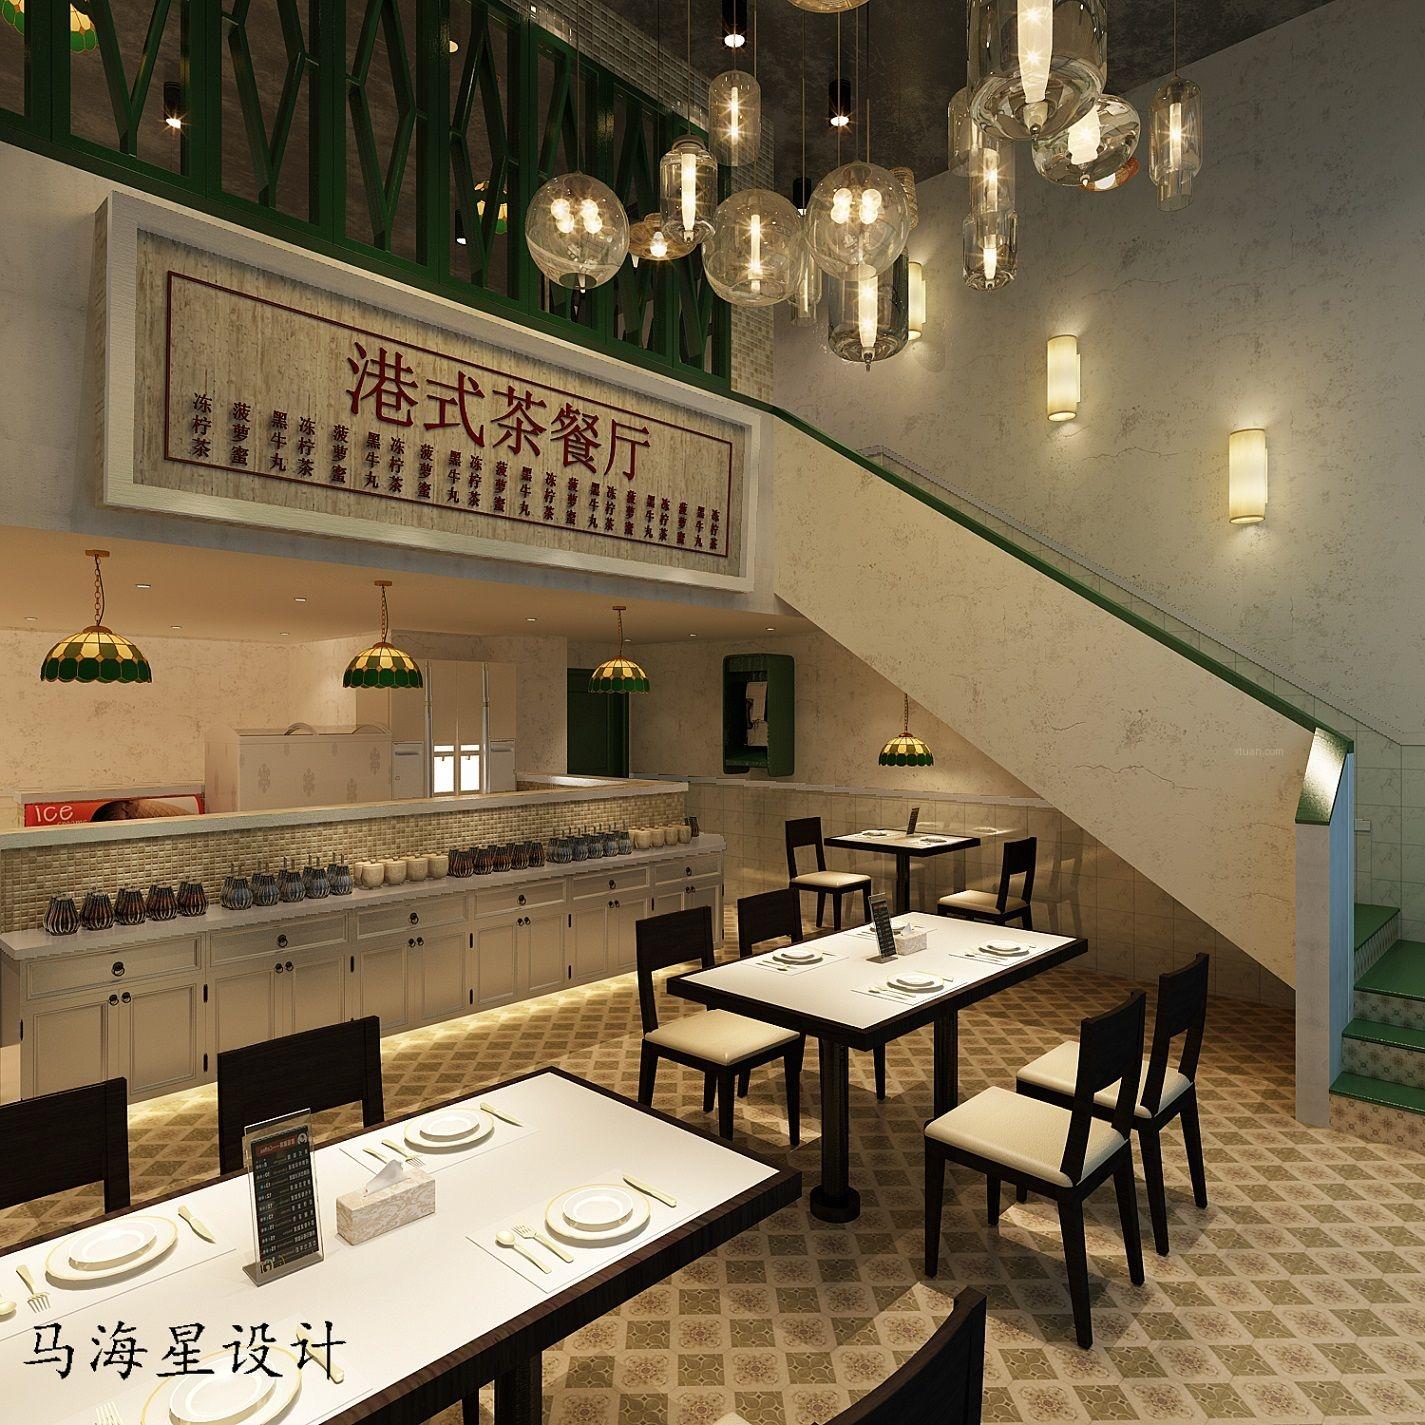 老香港茶餐厅